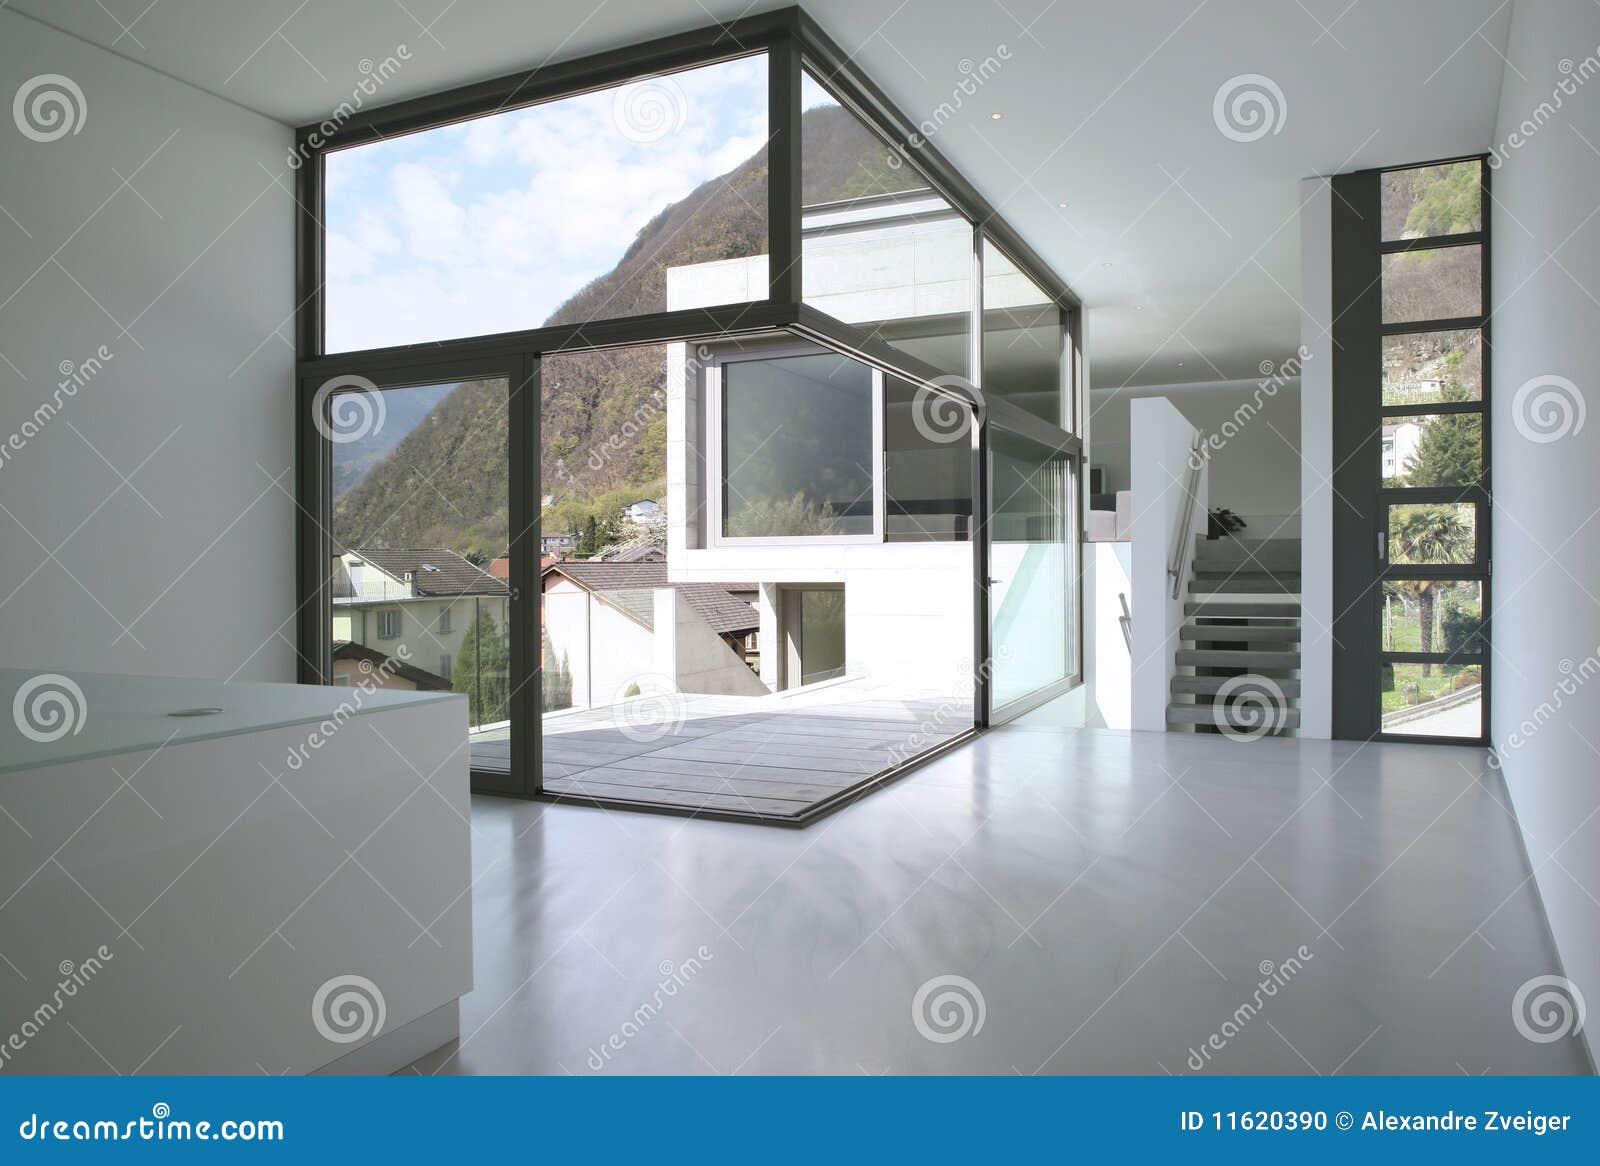 Leeres modernes haus stockfoto bild 11620390 for Modernes haus von innen